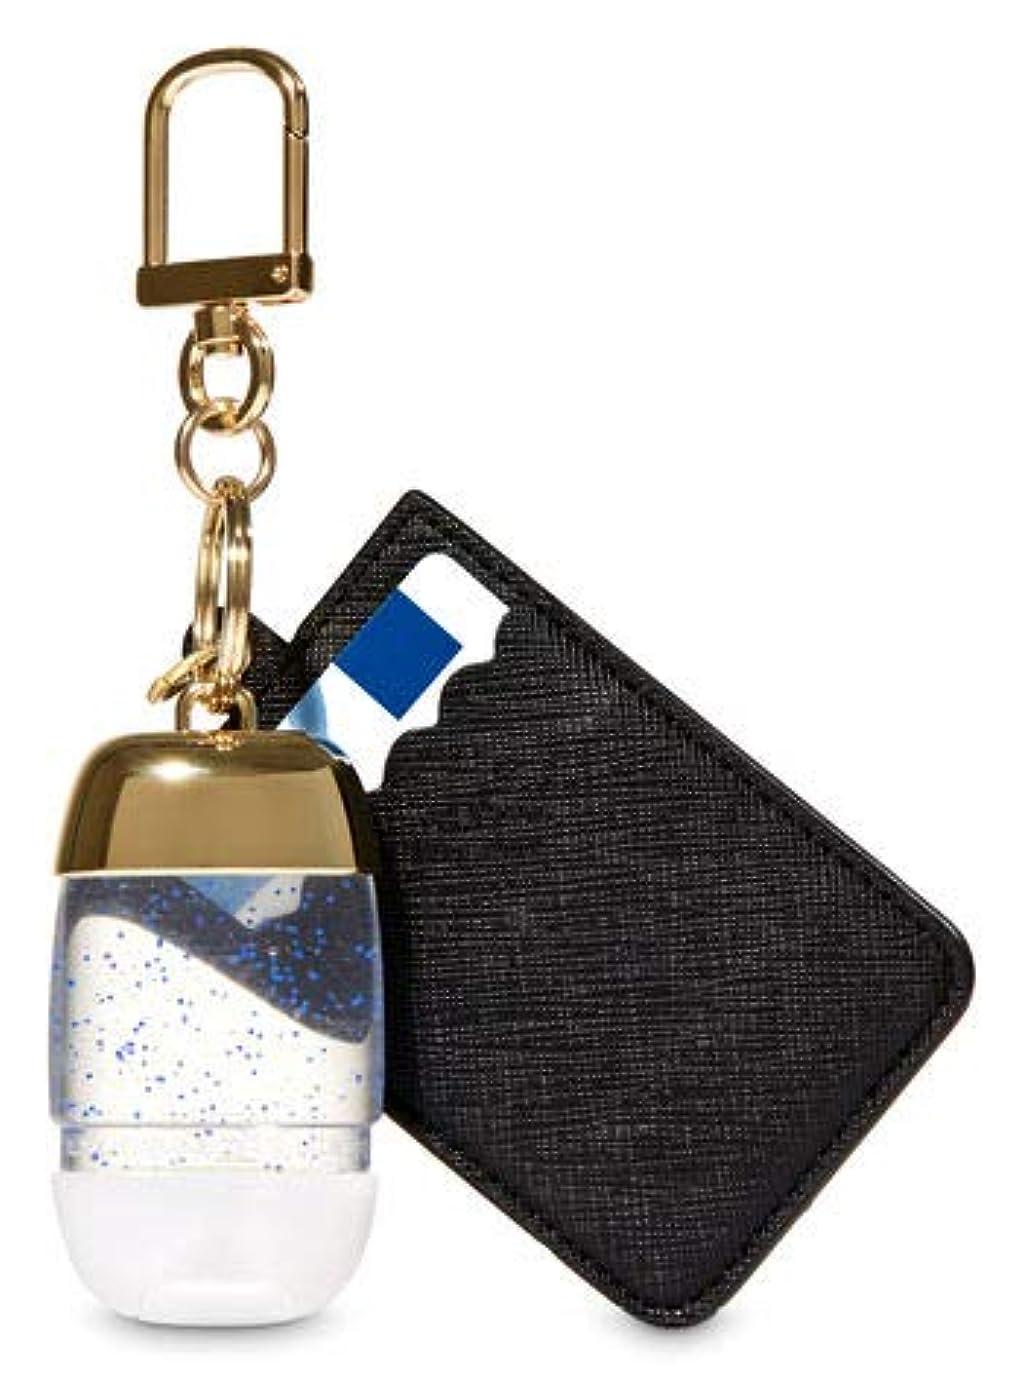 再びメアリアンジョーンズモーション【Bath&Body Works/バス&ボディワークス】 抗菌ハンドジェルホルダー カードケース ブラック&ゴールド Credit Card & PocketBac Holder Black & Gold [並行輸入品]